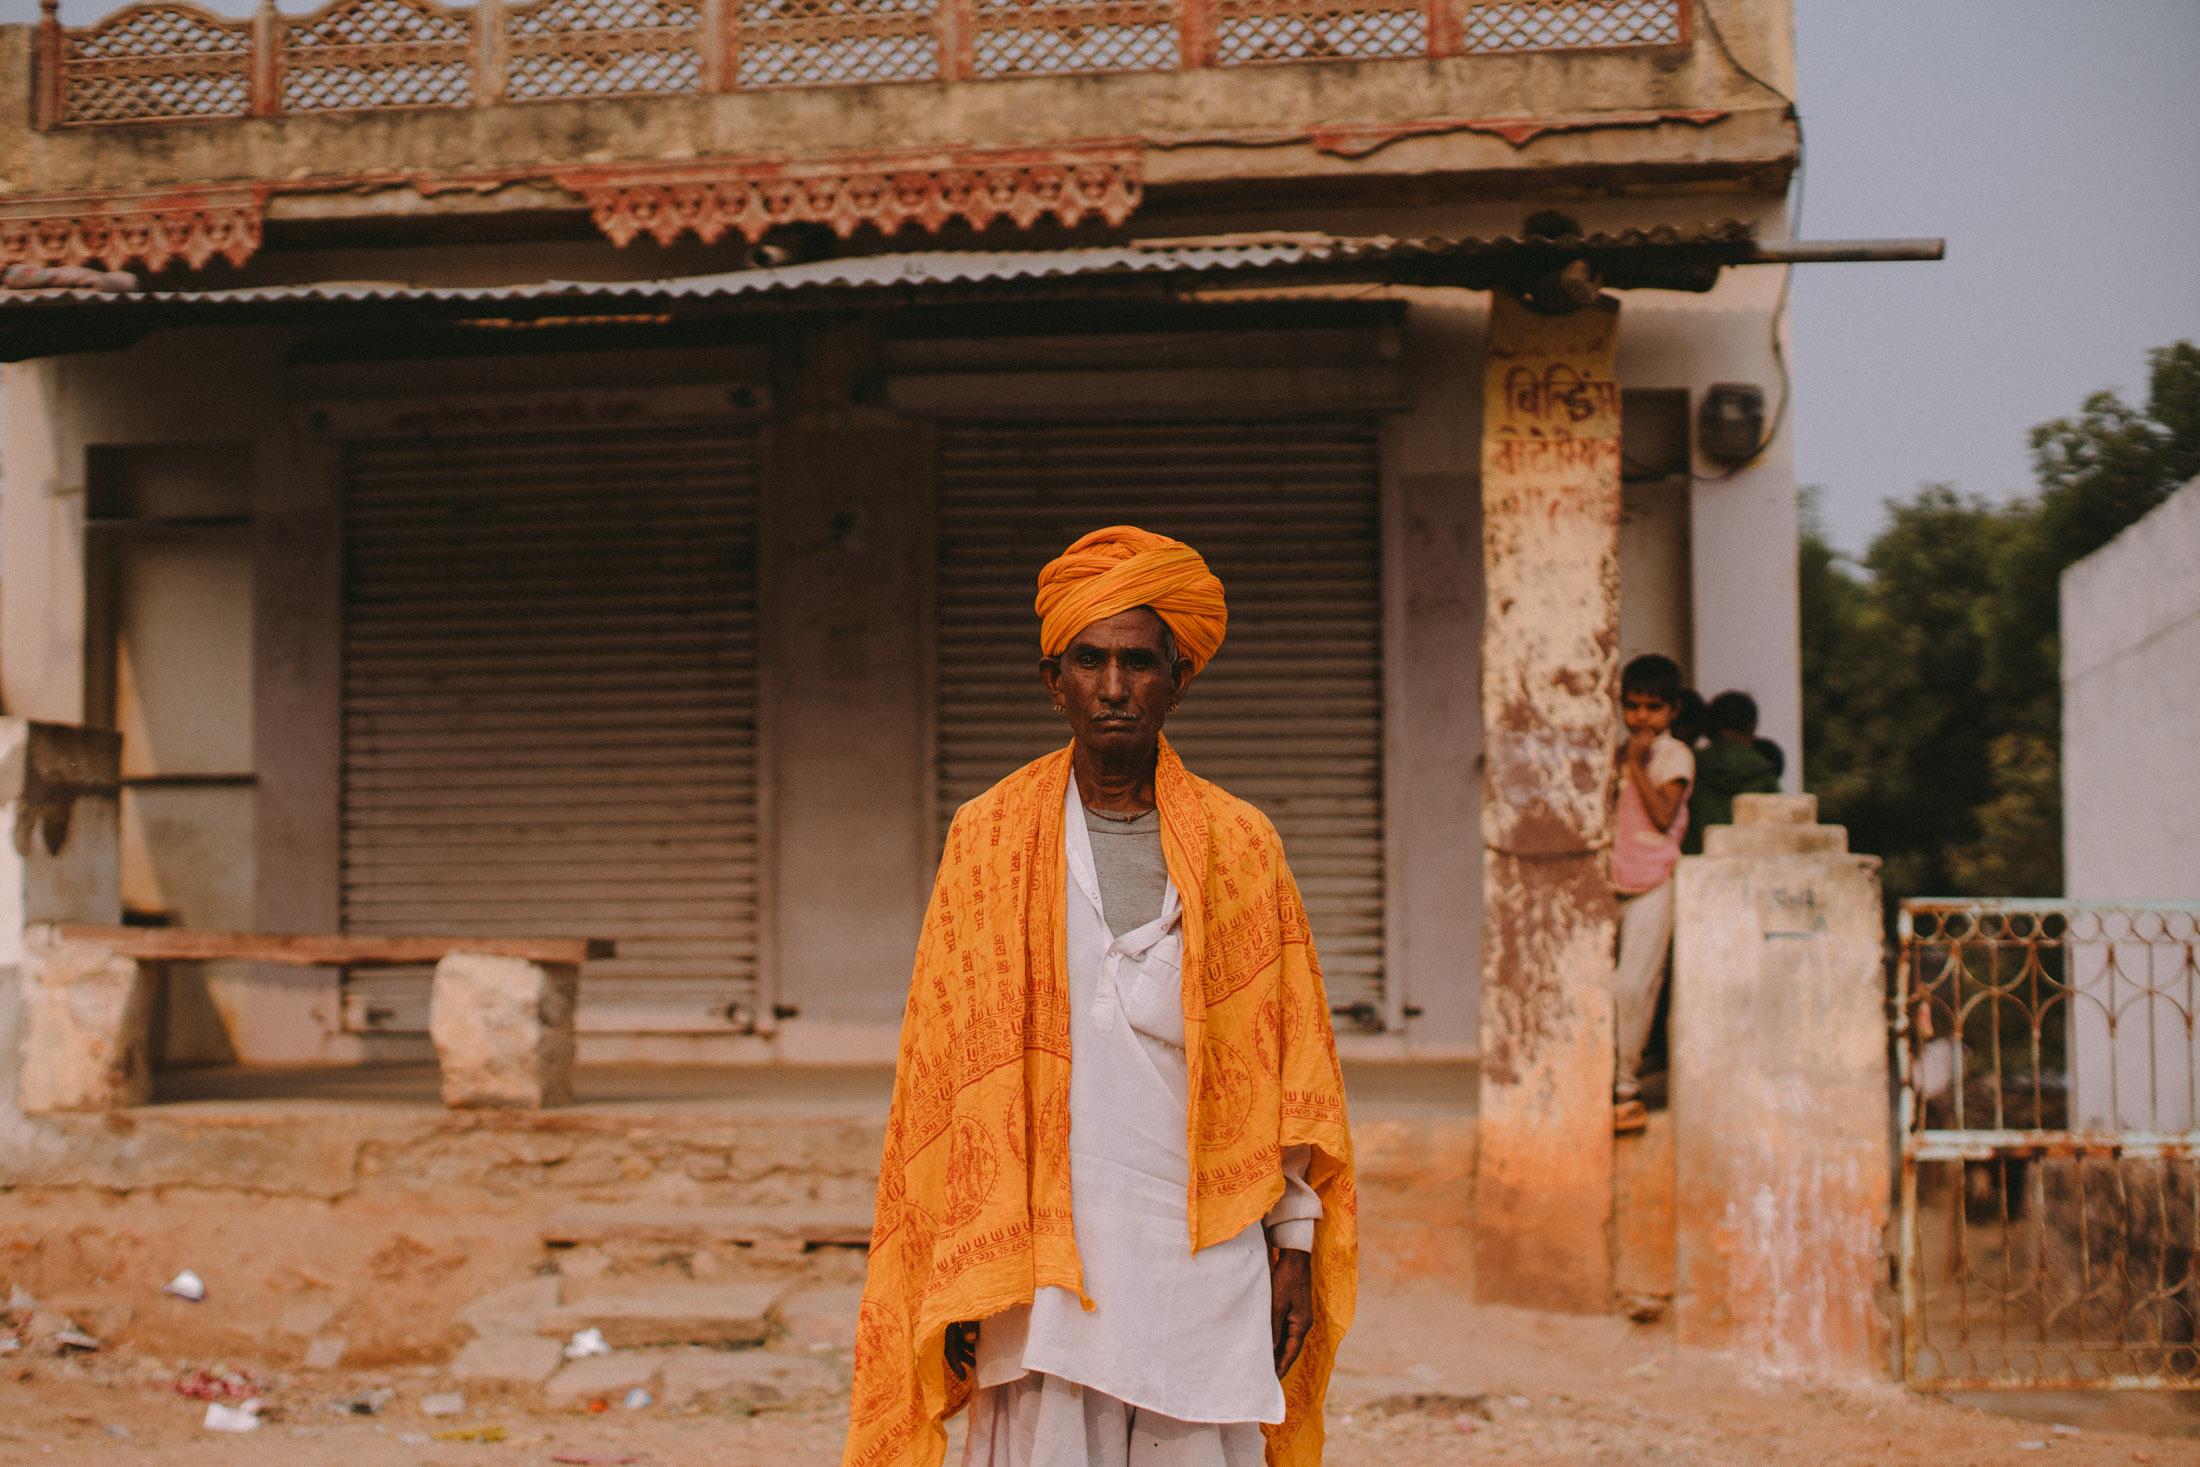 Pushkar Nov 2017-Dean Raphael Photography-31.jpg